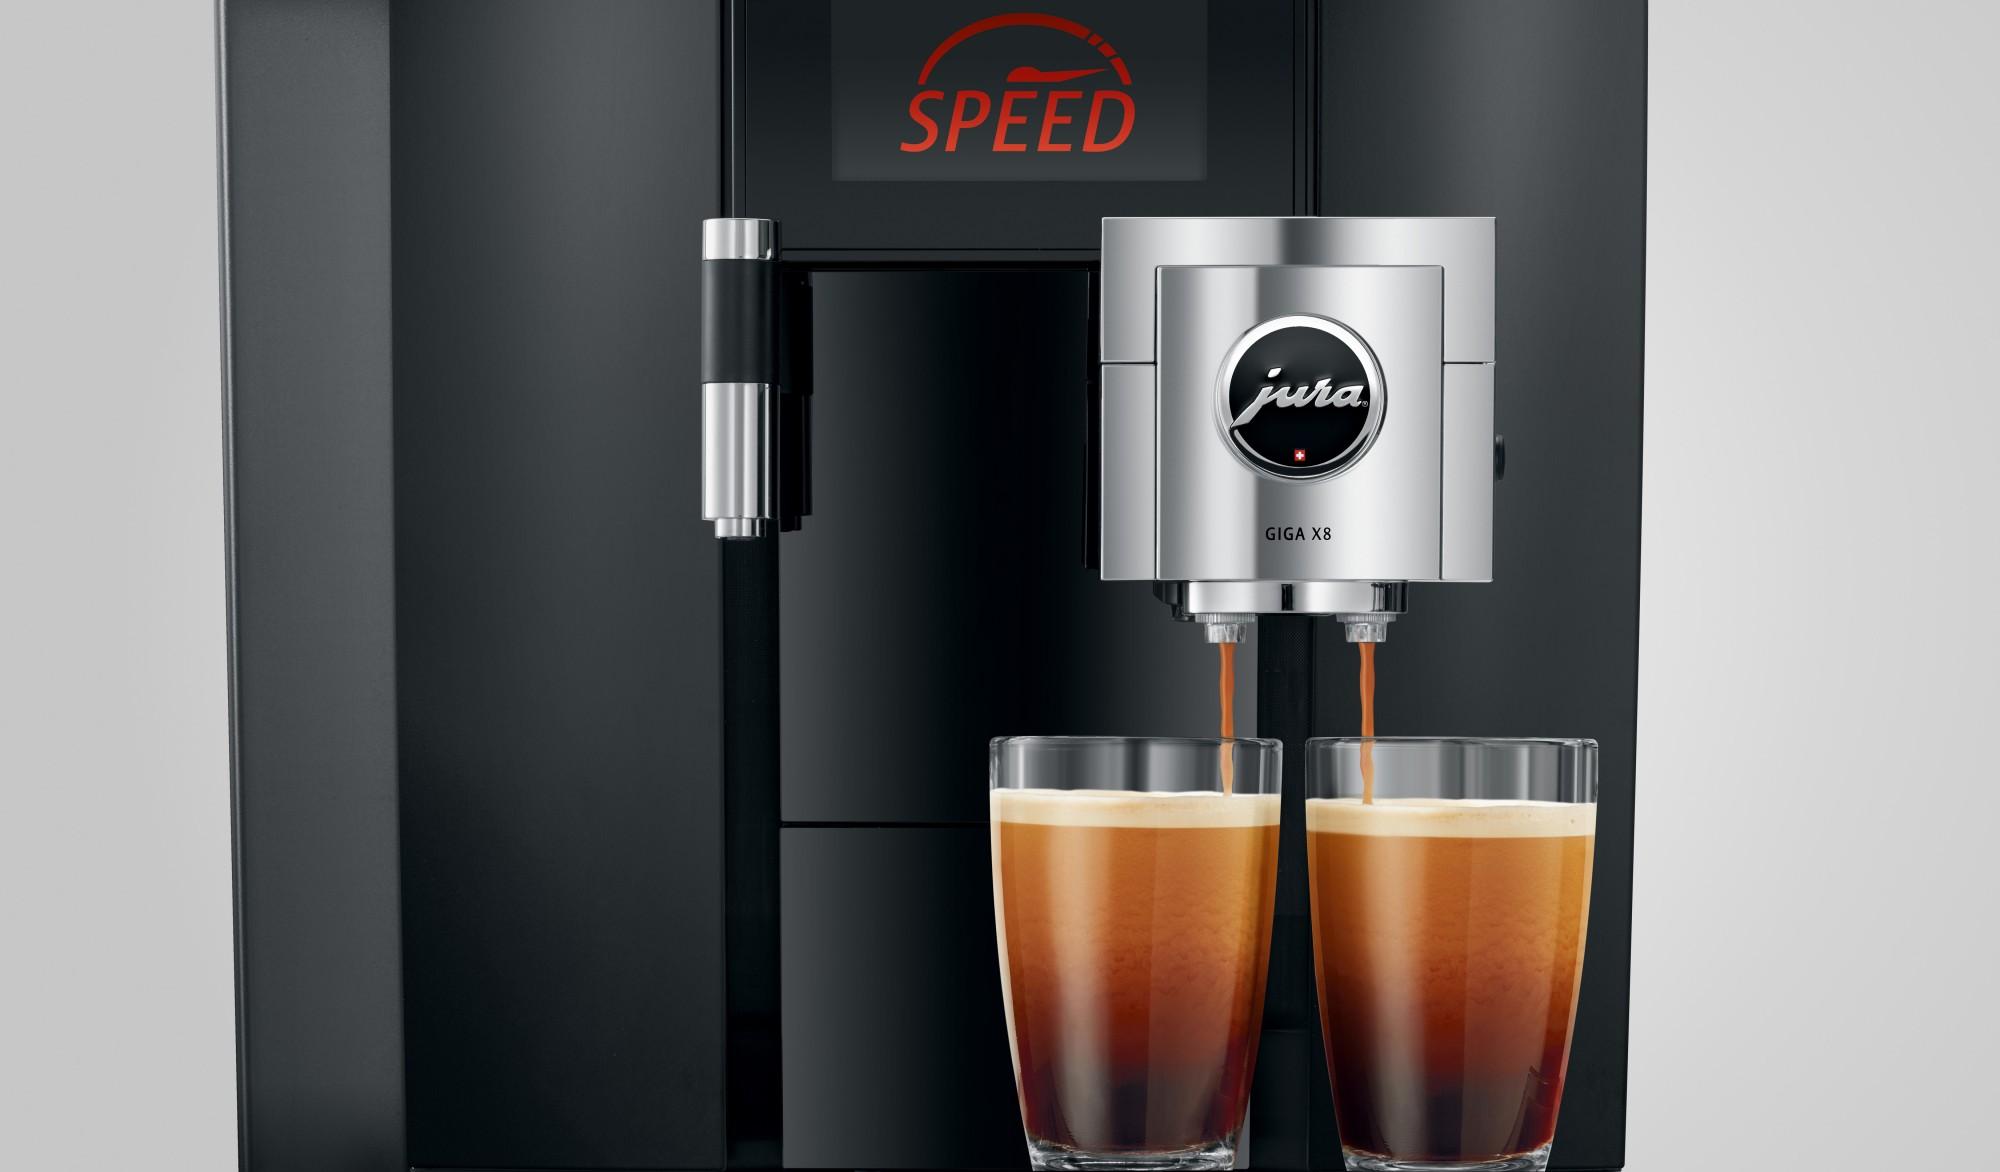 Jura GIGA X8 - voor degene die echt veel koffie wil maken